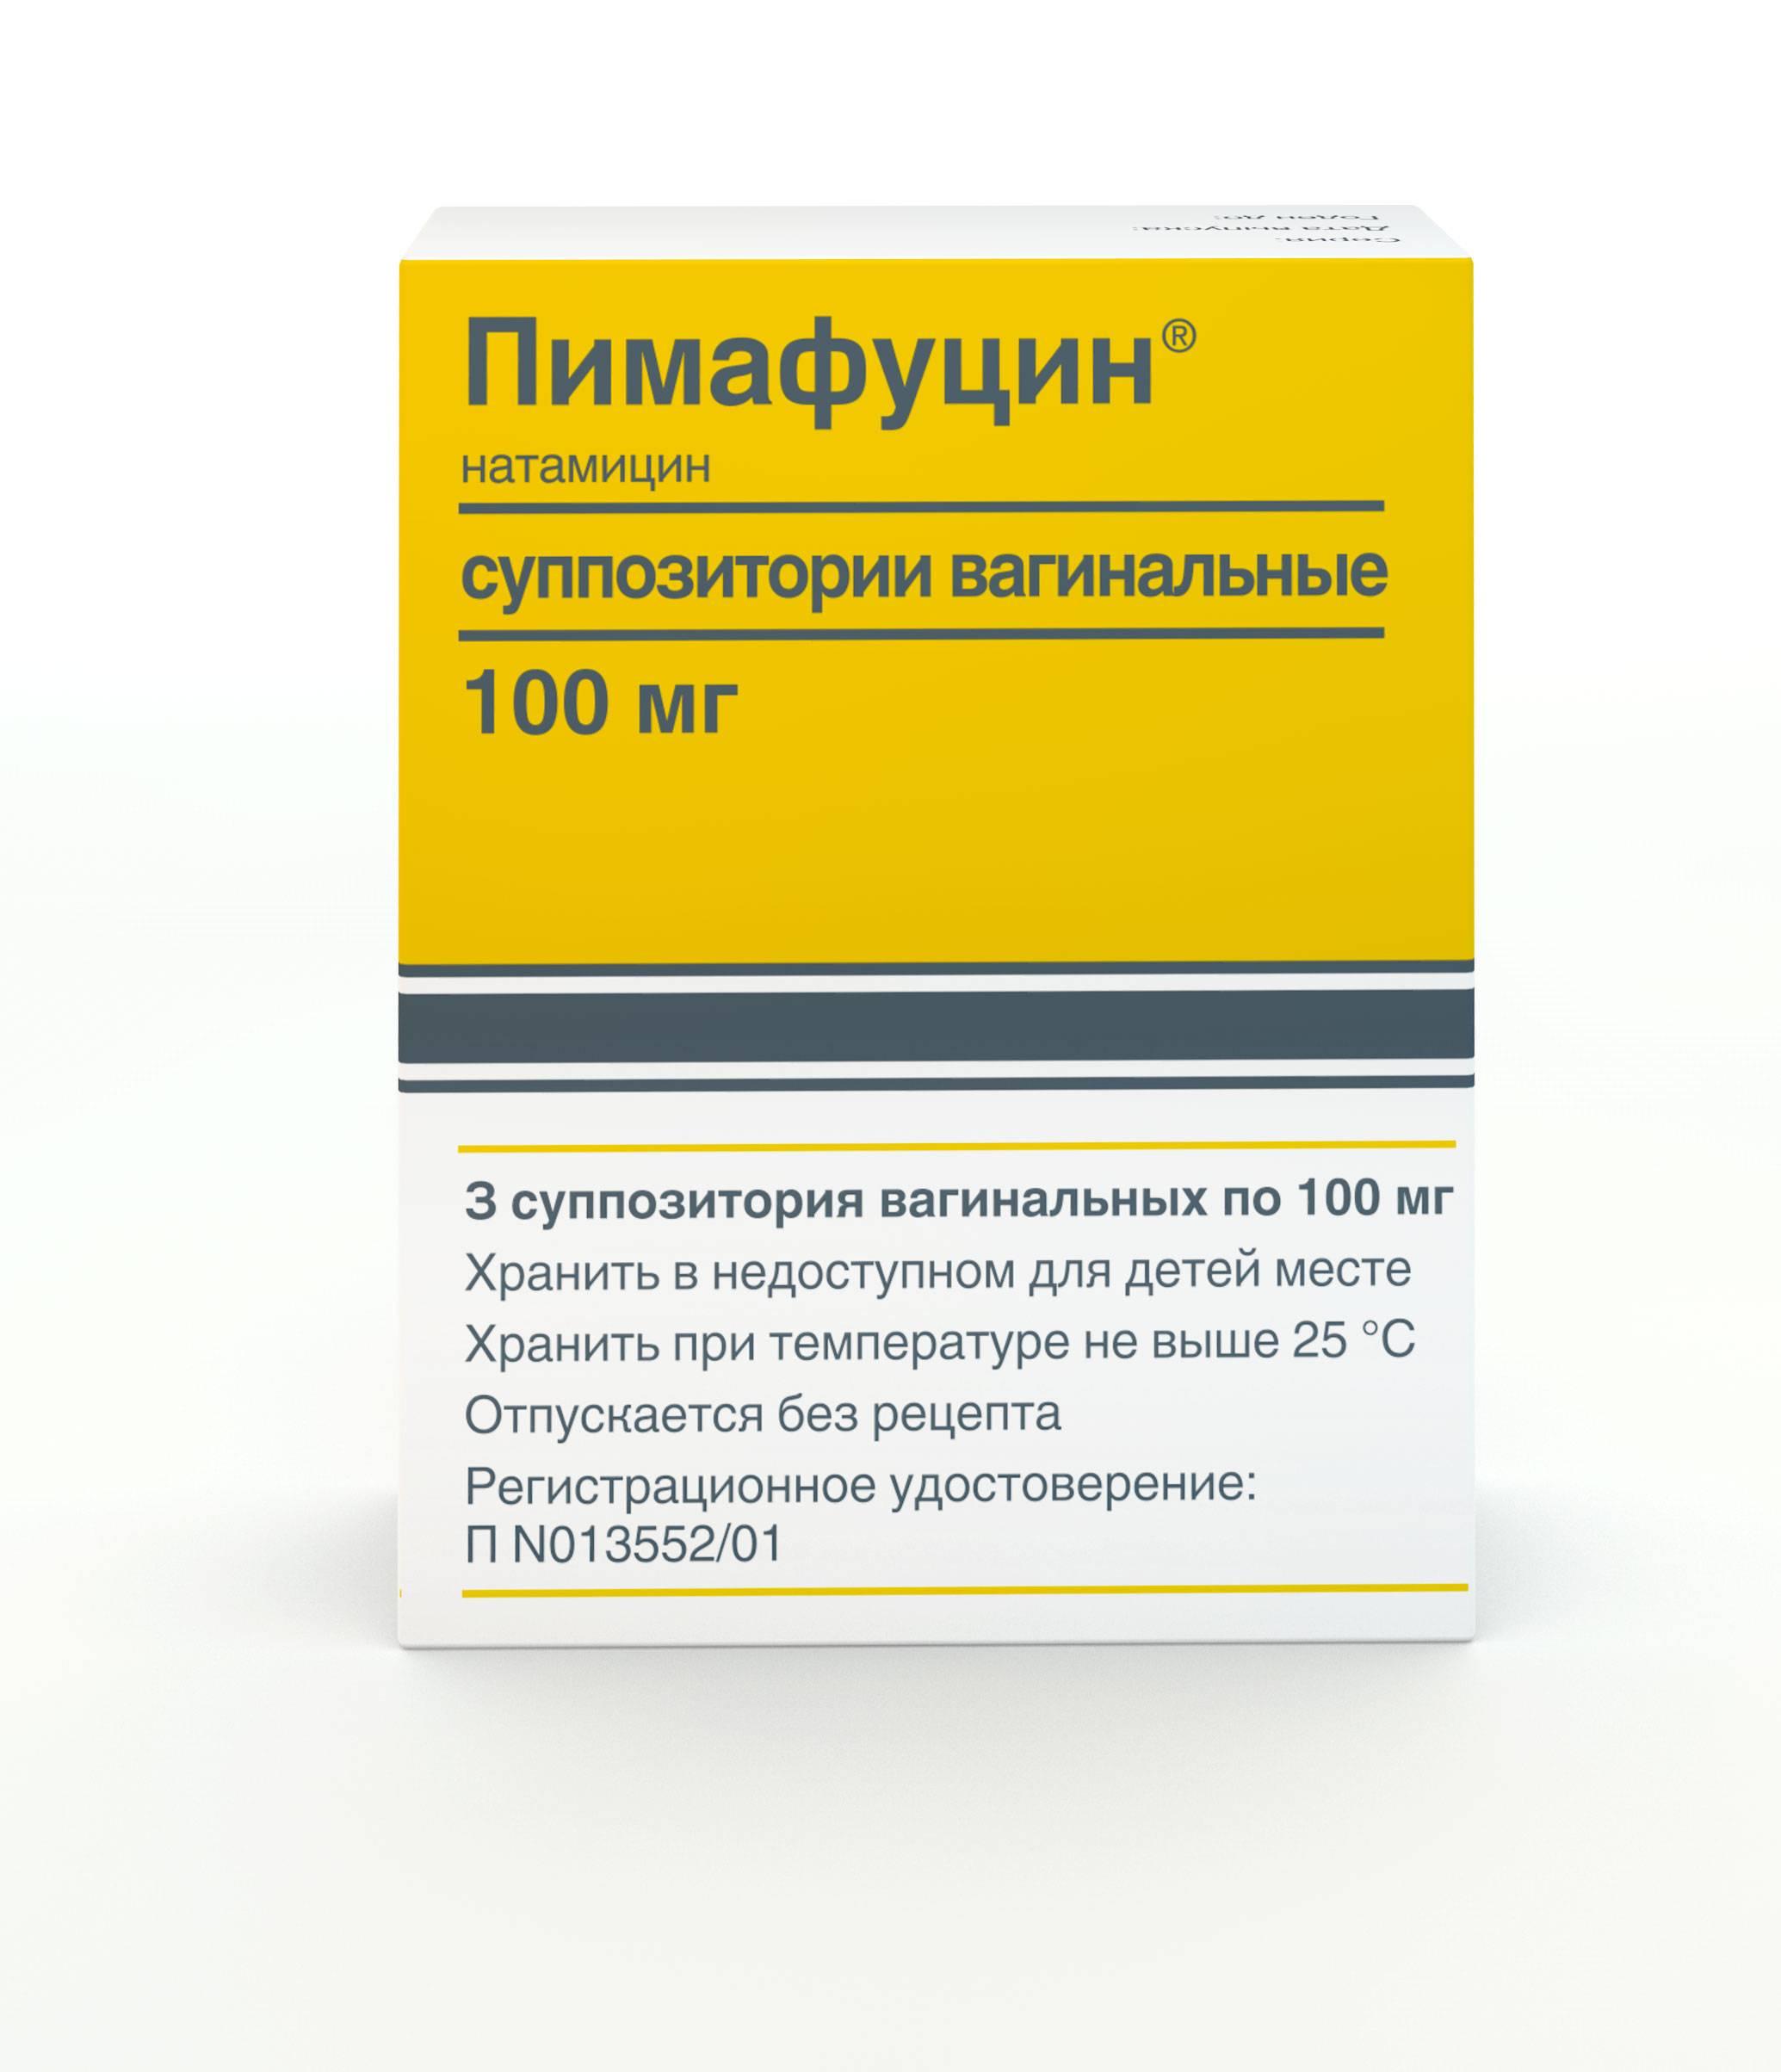 Лечение молочницы Пимафуцином у кормящих мам